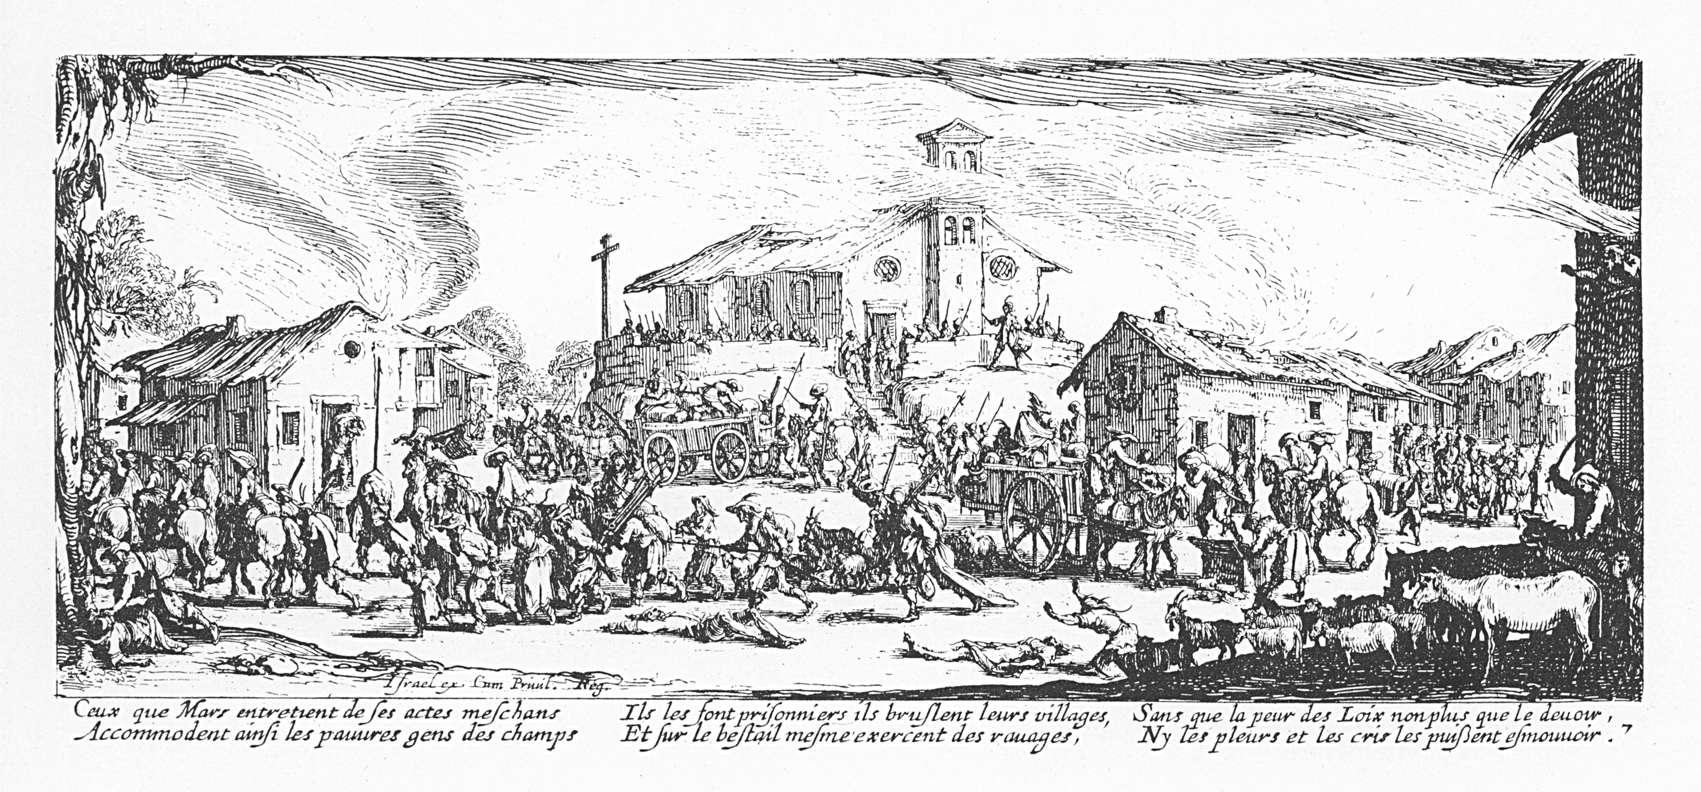 Les misères et les malheurs de la guerre 07 Pillage et incendie dun village